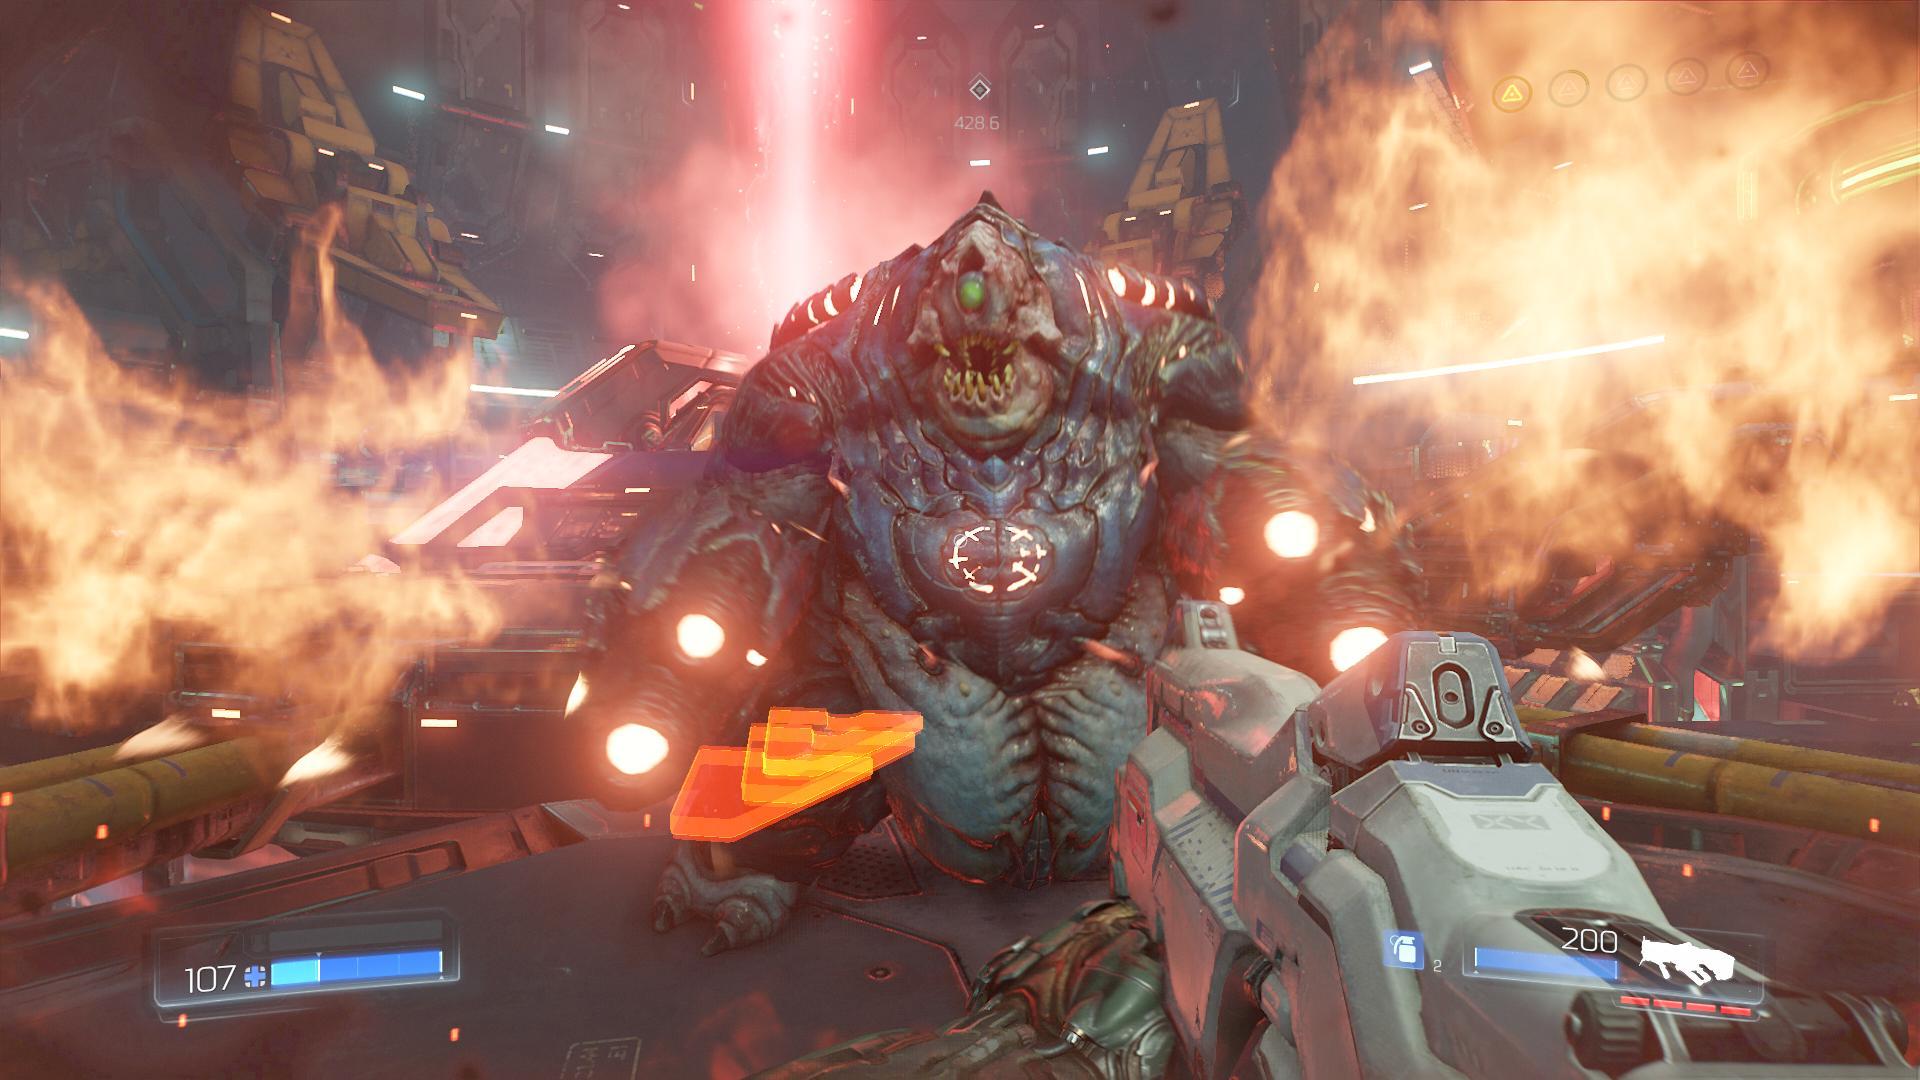 Doom im Test: Die beste blöde Ballerorgie - Mit zwei Flammenwerfern greift uns dieser dicke Brocken an... (Screenshot: Golem.de)